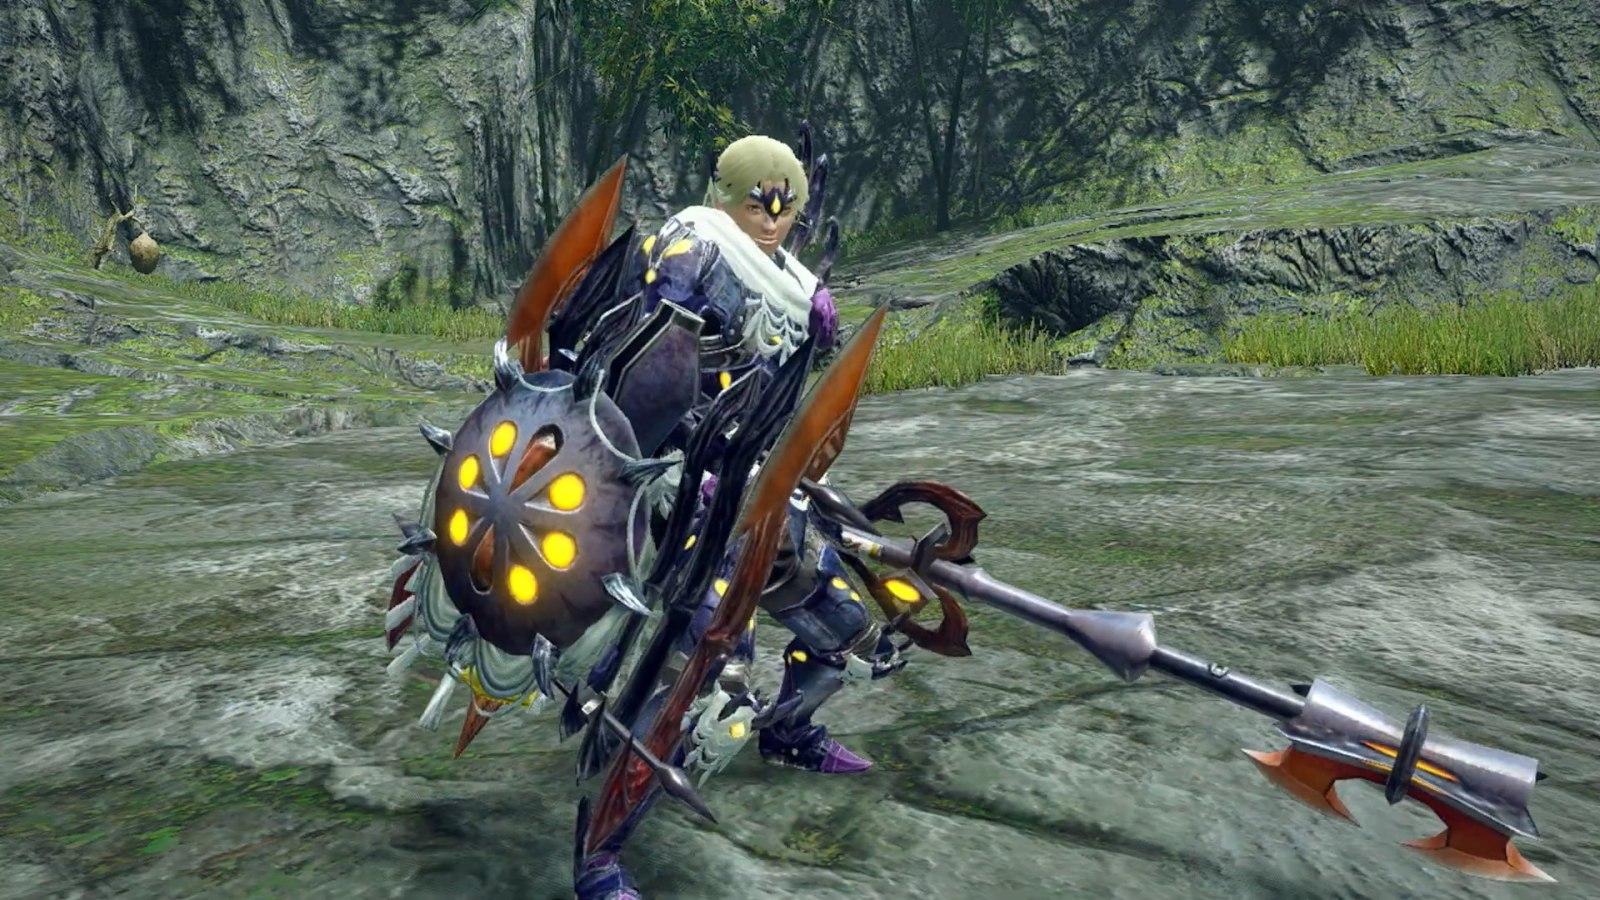 【更新盾斧、狩猎笛】《怪物猎人 崛起》陆续放出,翔虫让攻击更丰富